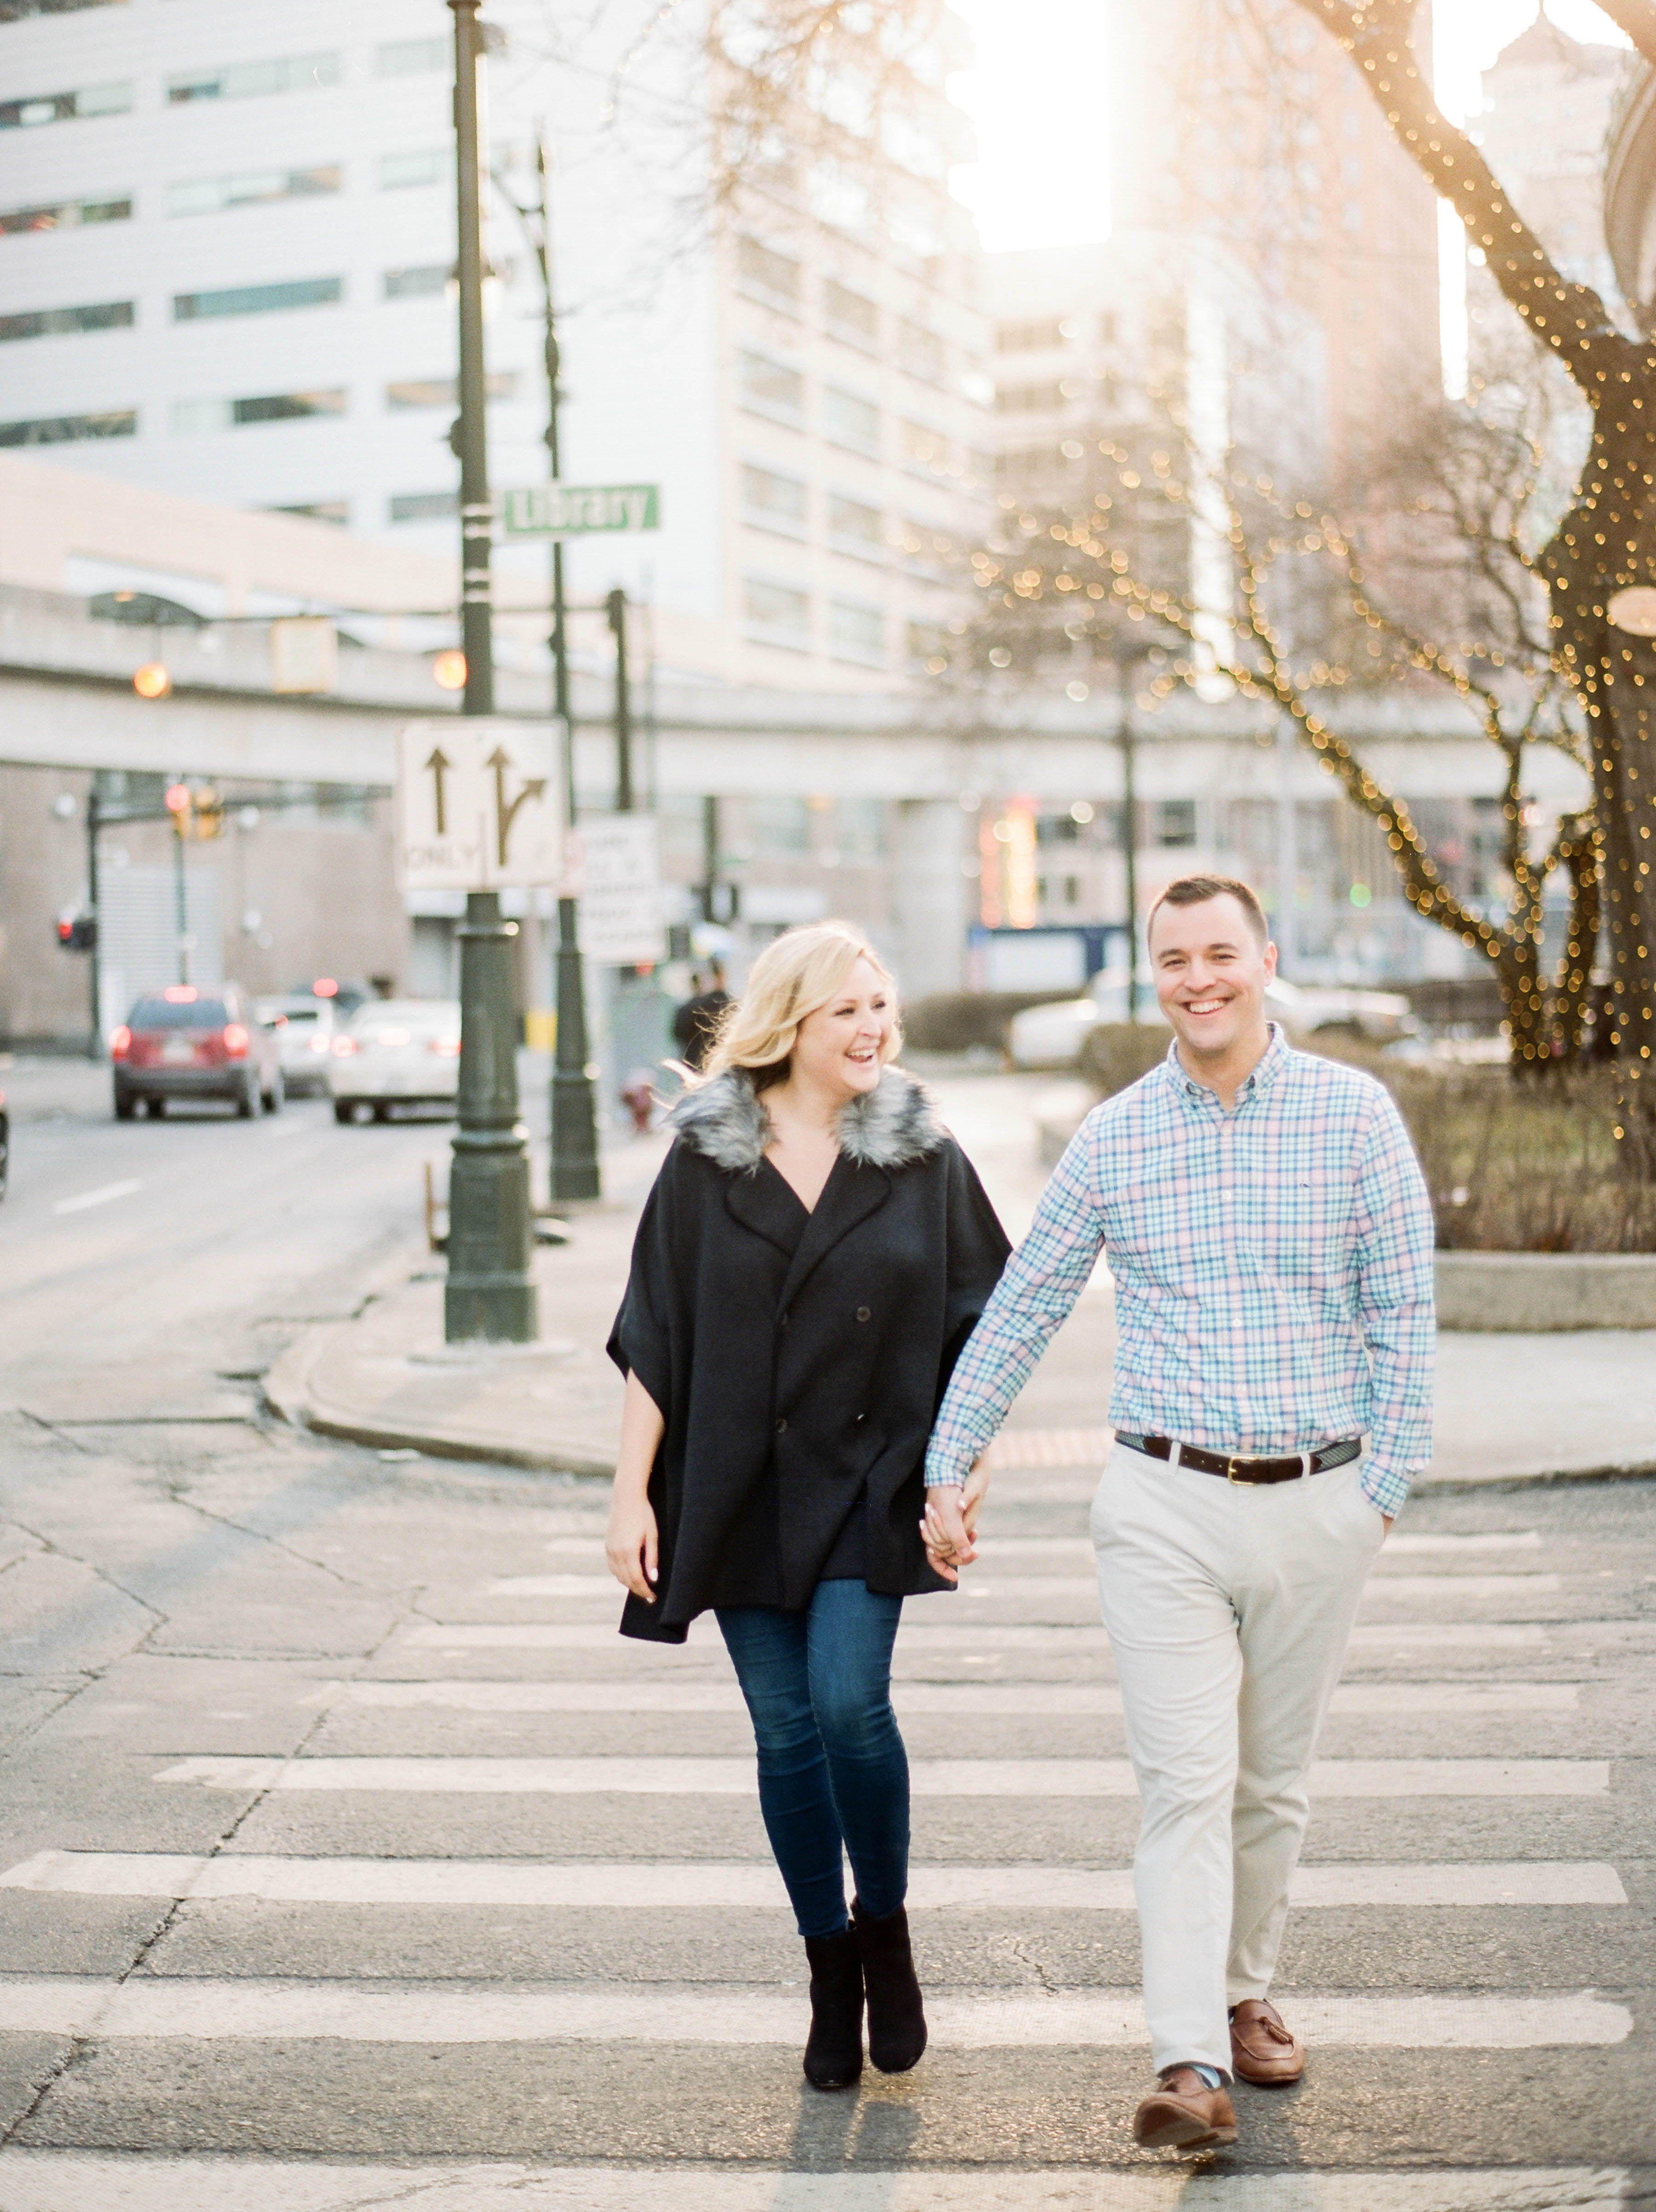 detroit winter engagement a winter engagement session downtown rh pinterest com